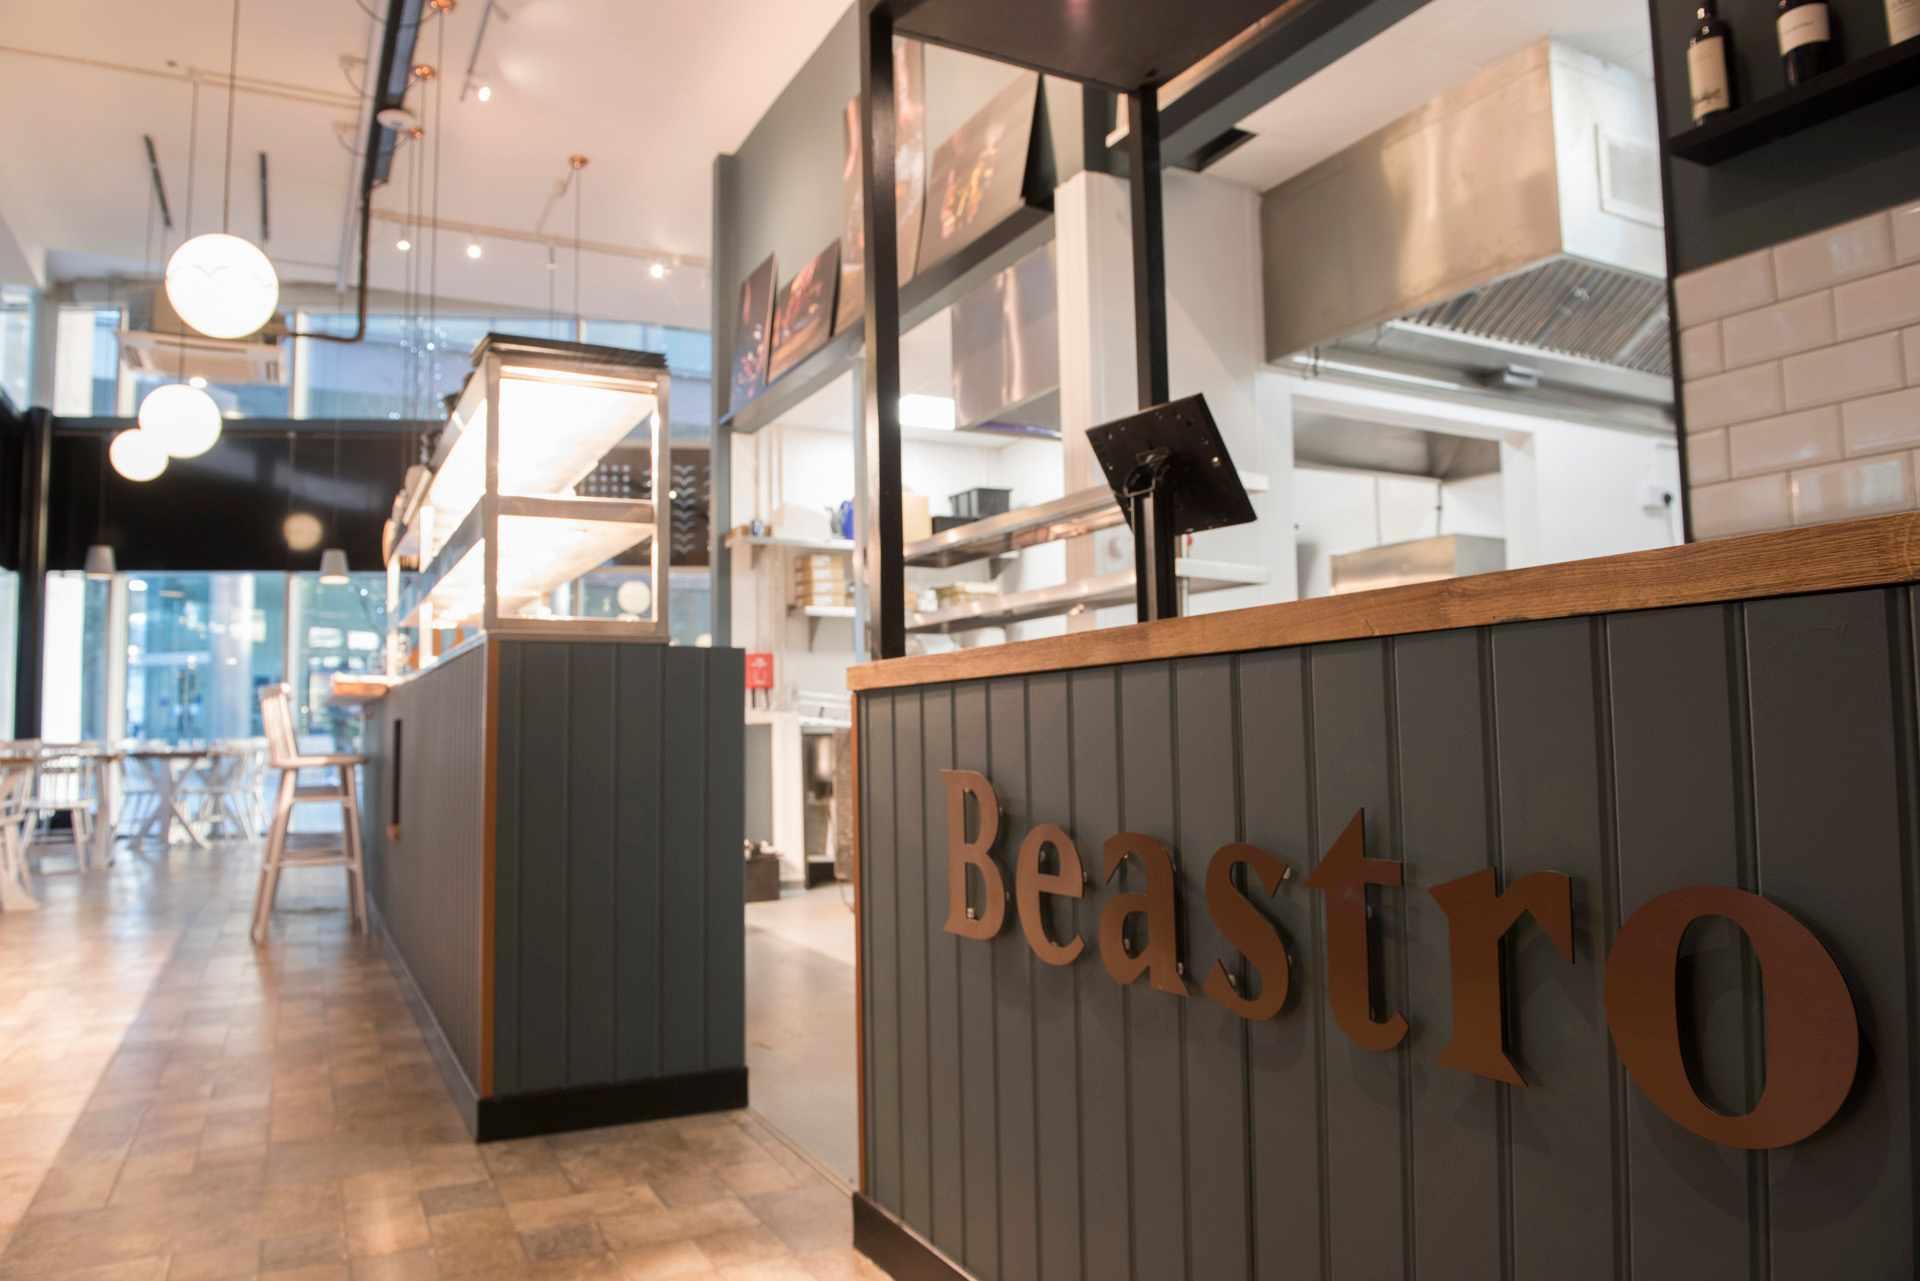 Beastro